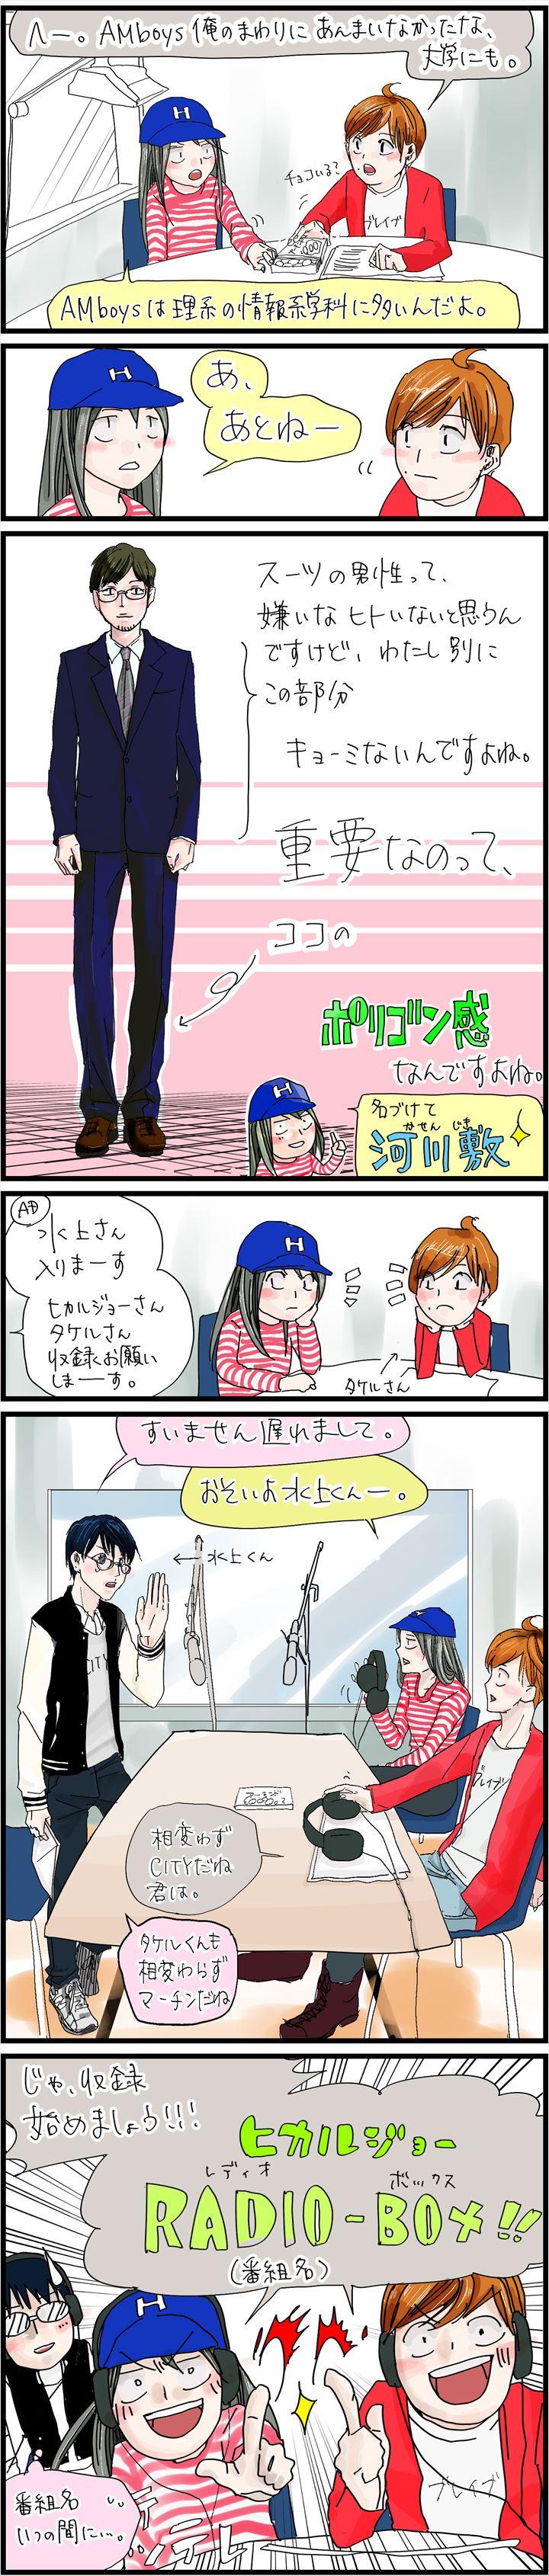 yajima6.3_R